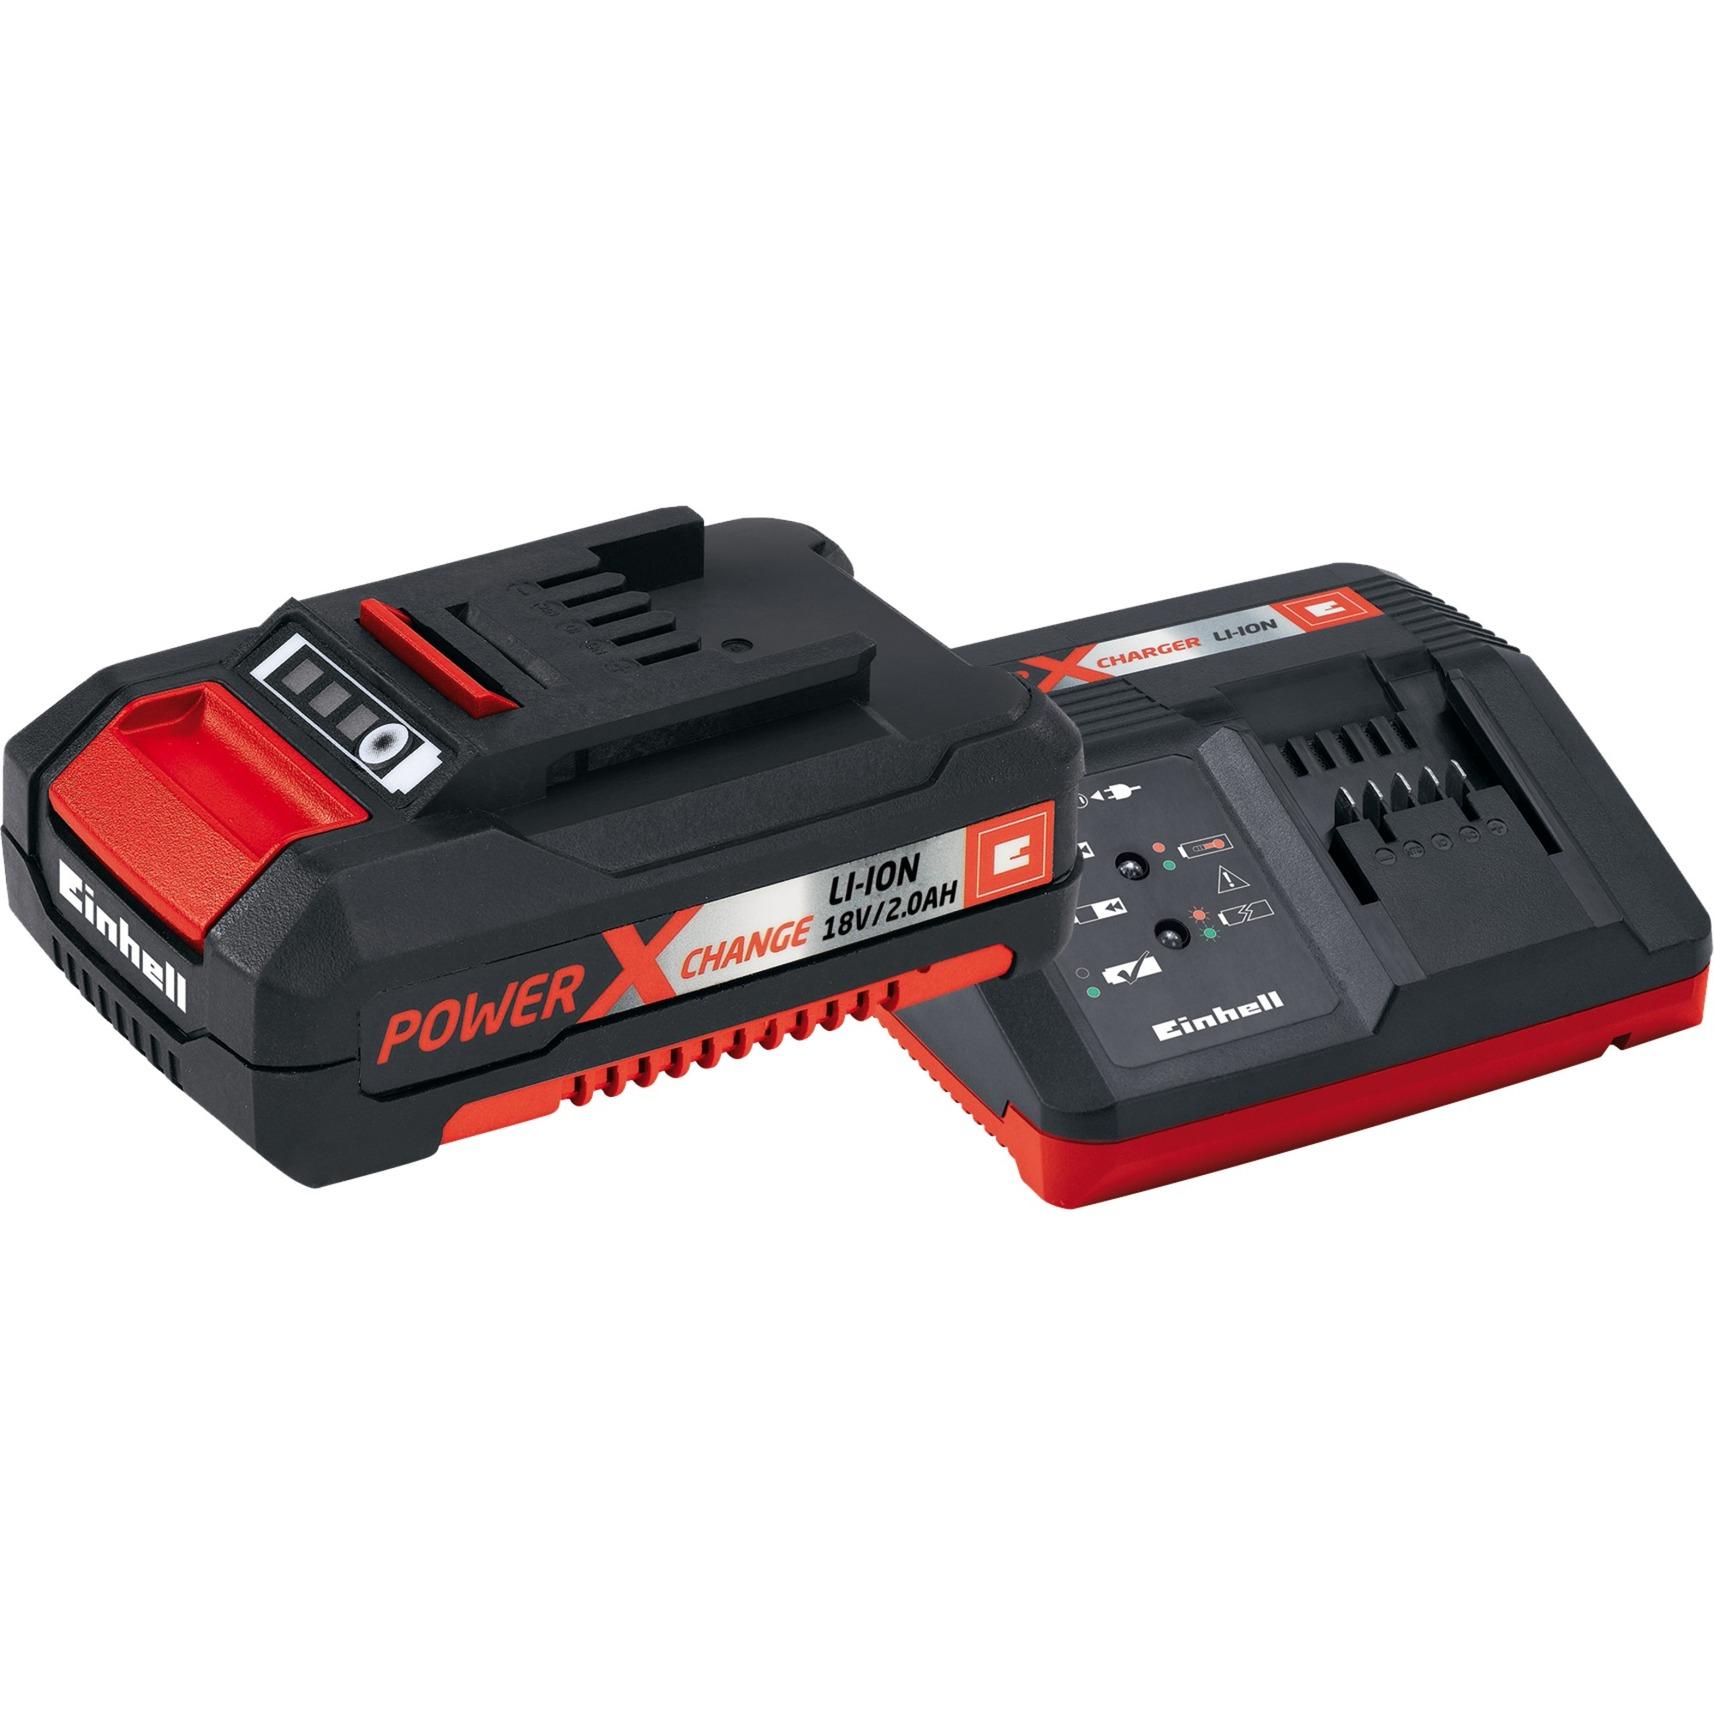 4512040 cargador de batería Negro, Rojo Cargador de baterías para interior